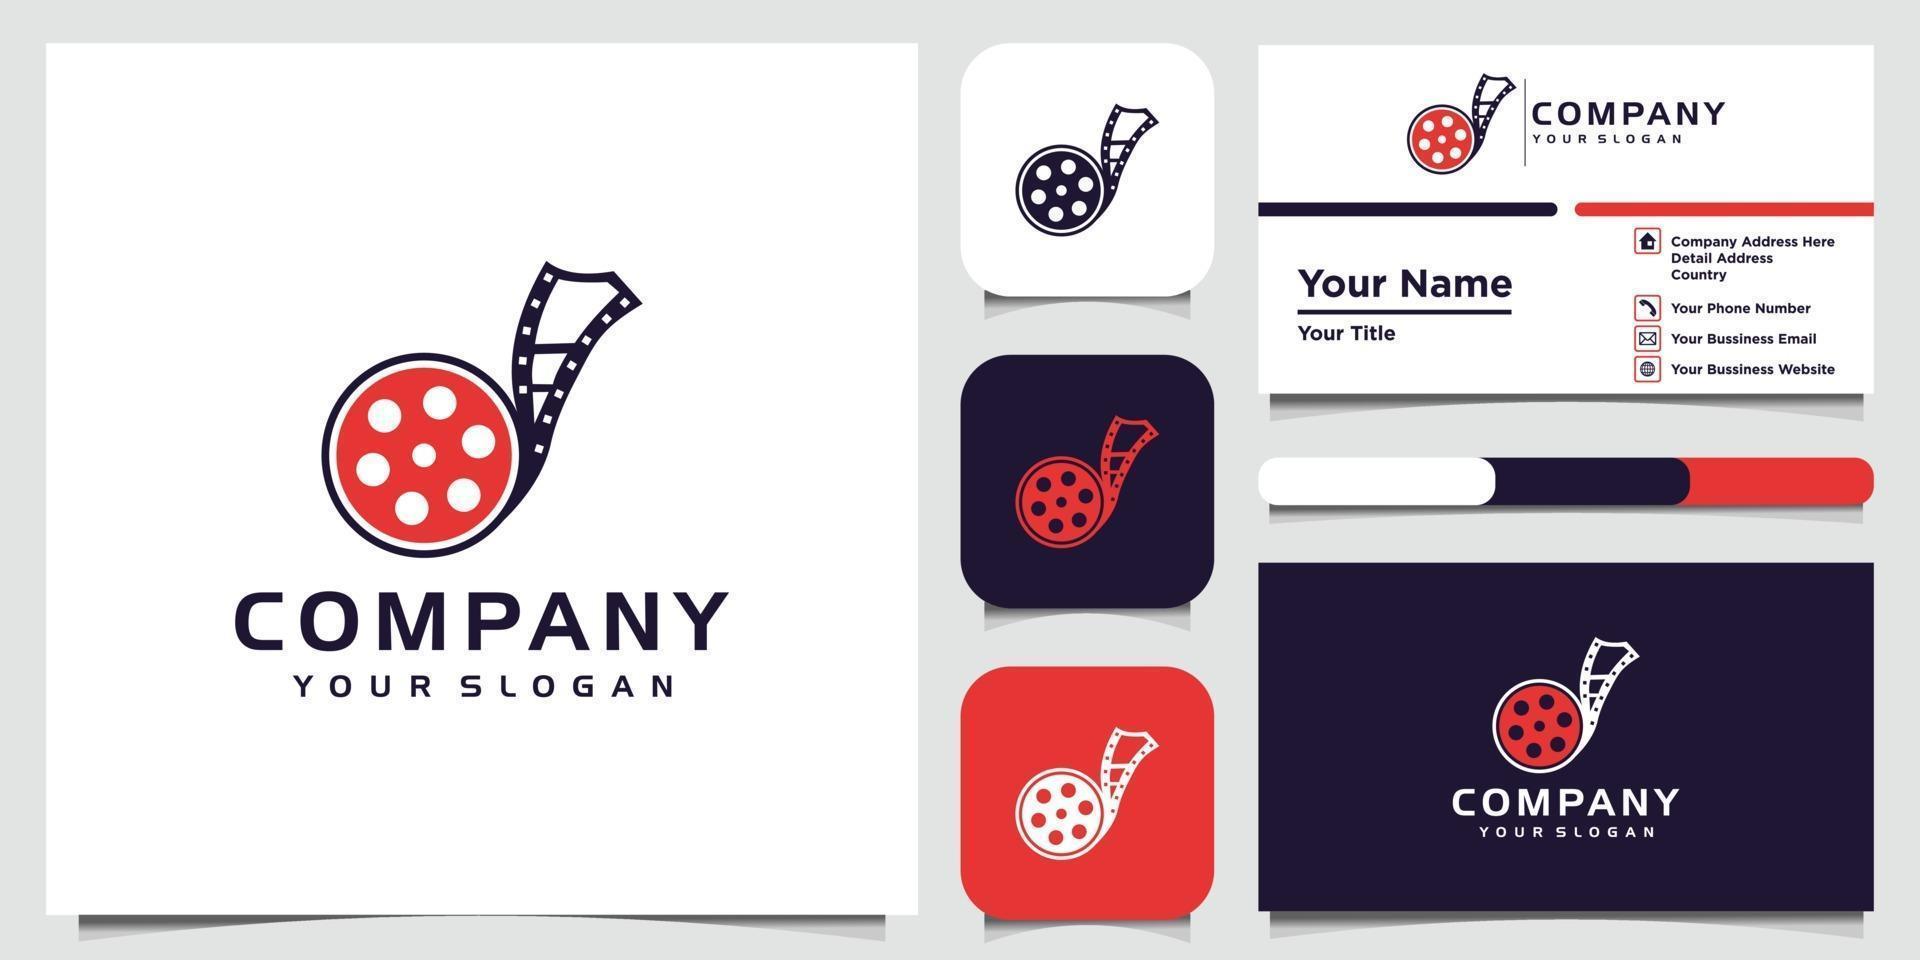 modèles de conception de logo photograpy et carte de visite vecteur